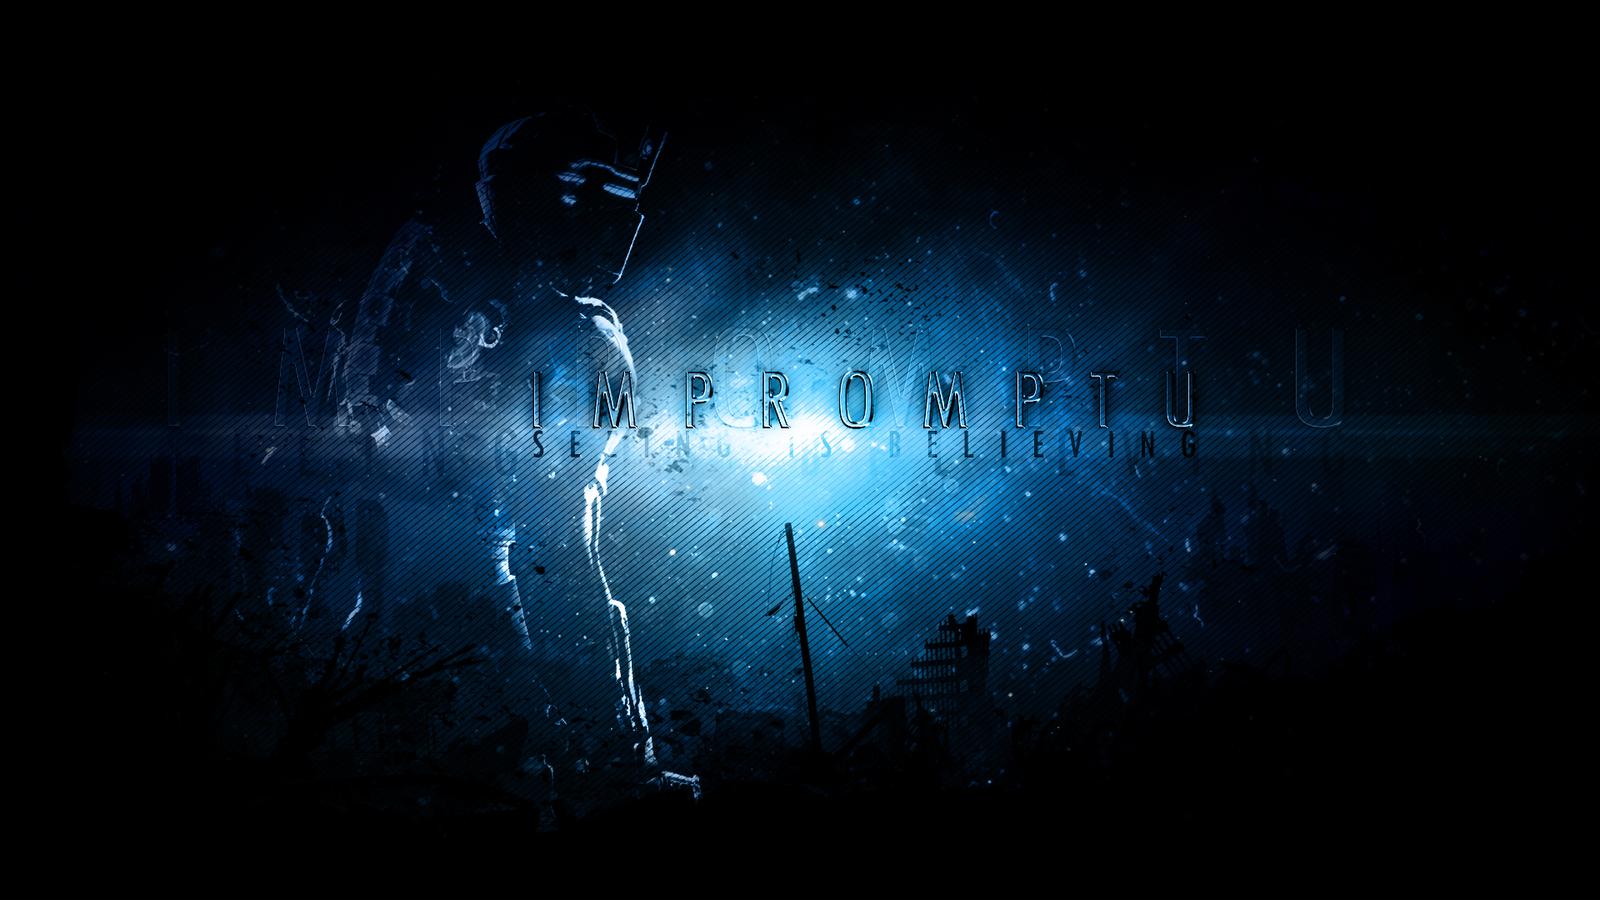 http://2.bp.blogspot.com/-QC1dAWpTNkk/UEM3S-jDMLI/AAAAAAAAEm8/XgXM7BBbioE/s1600/Dead_Space_Impromptu_1080.png